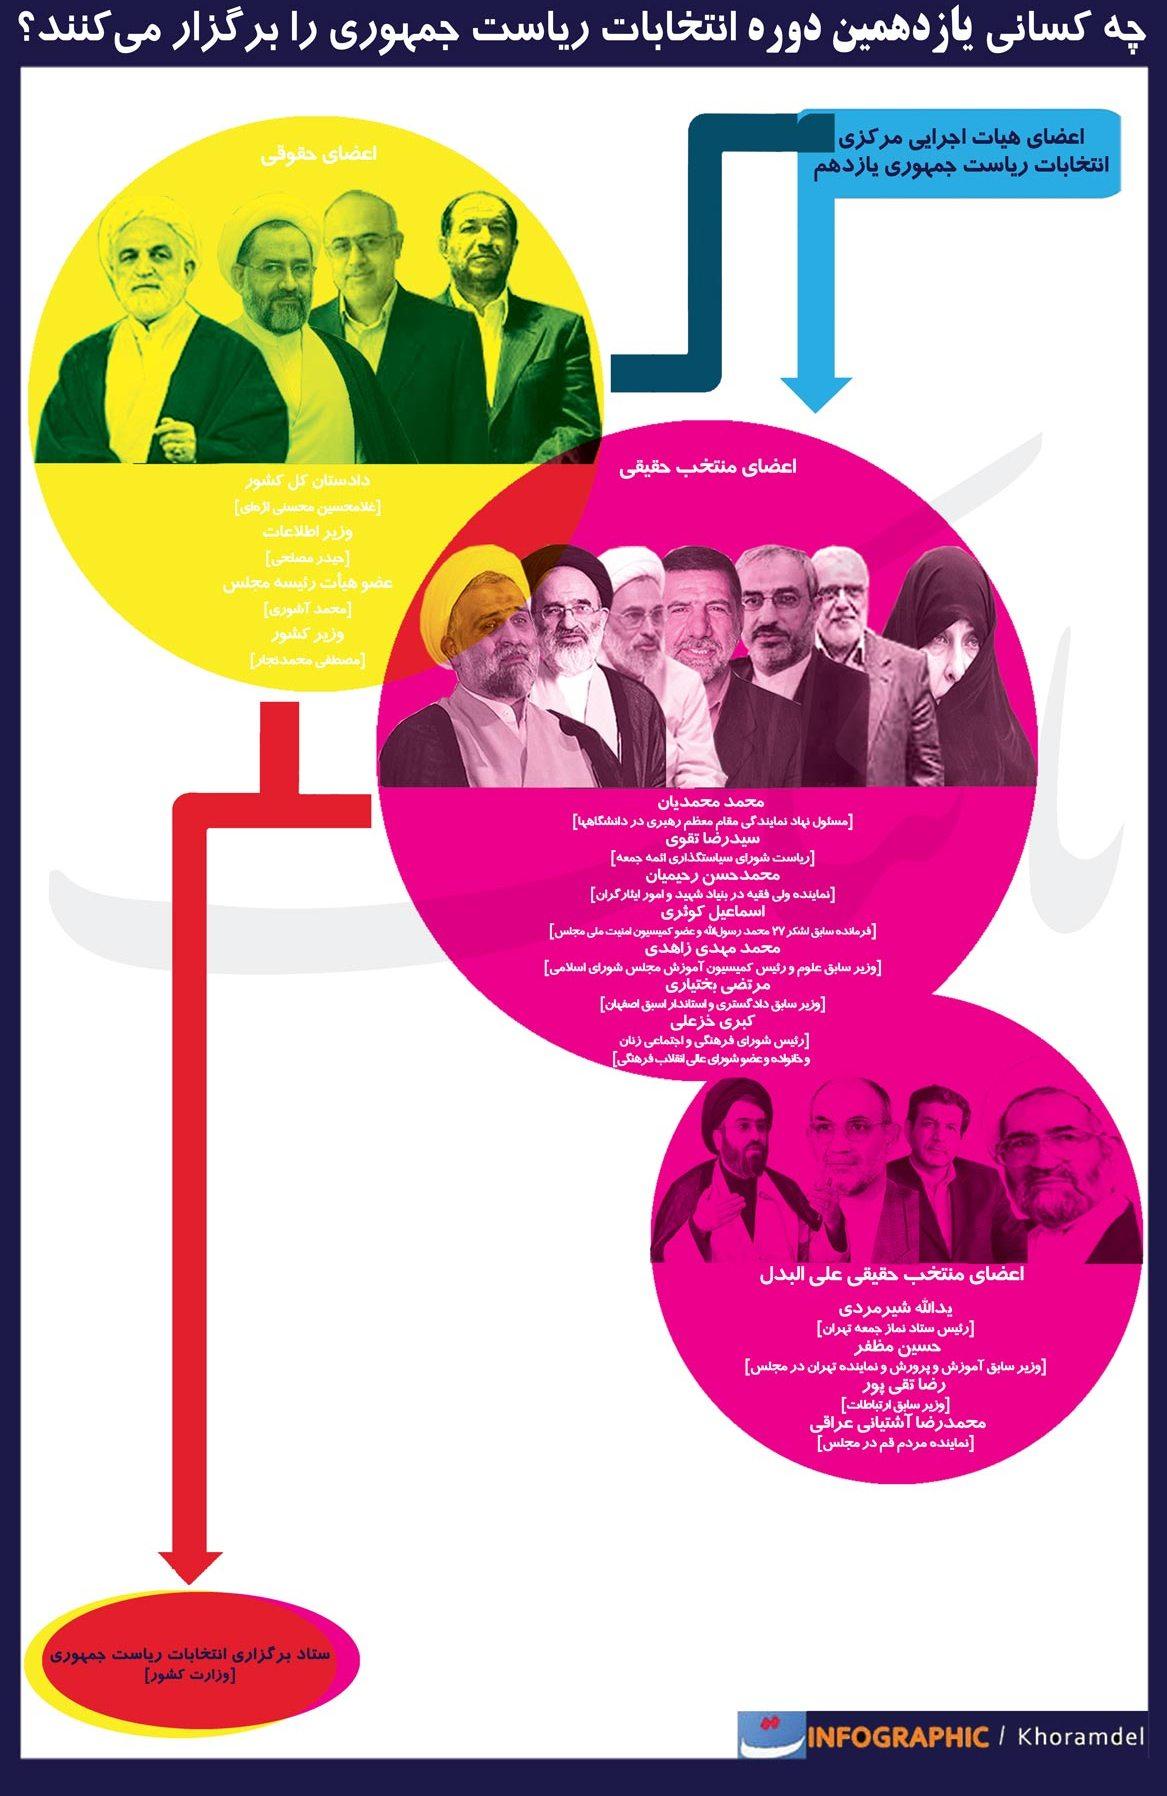 ده مرد و یک زنی که انتخابات زیر نظرشان برگزار میشود+اینفوگرافی